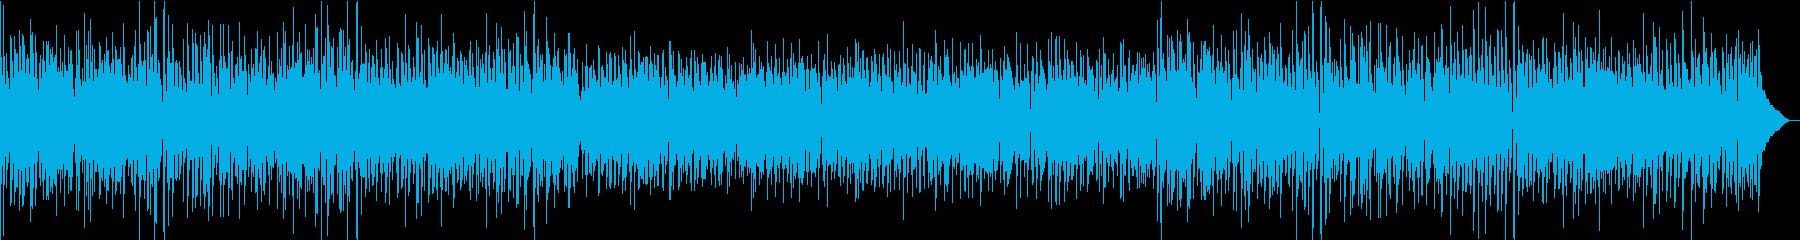 生演奏・気楽なアコースティックブルースの再生済みの波形